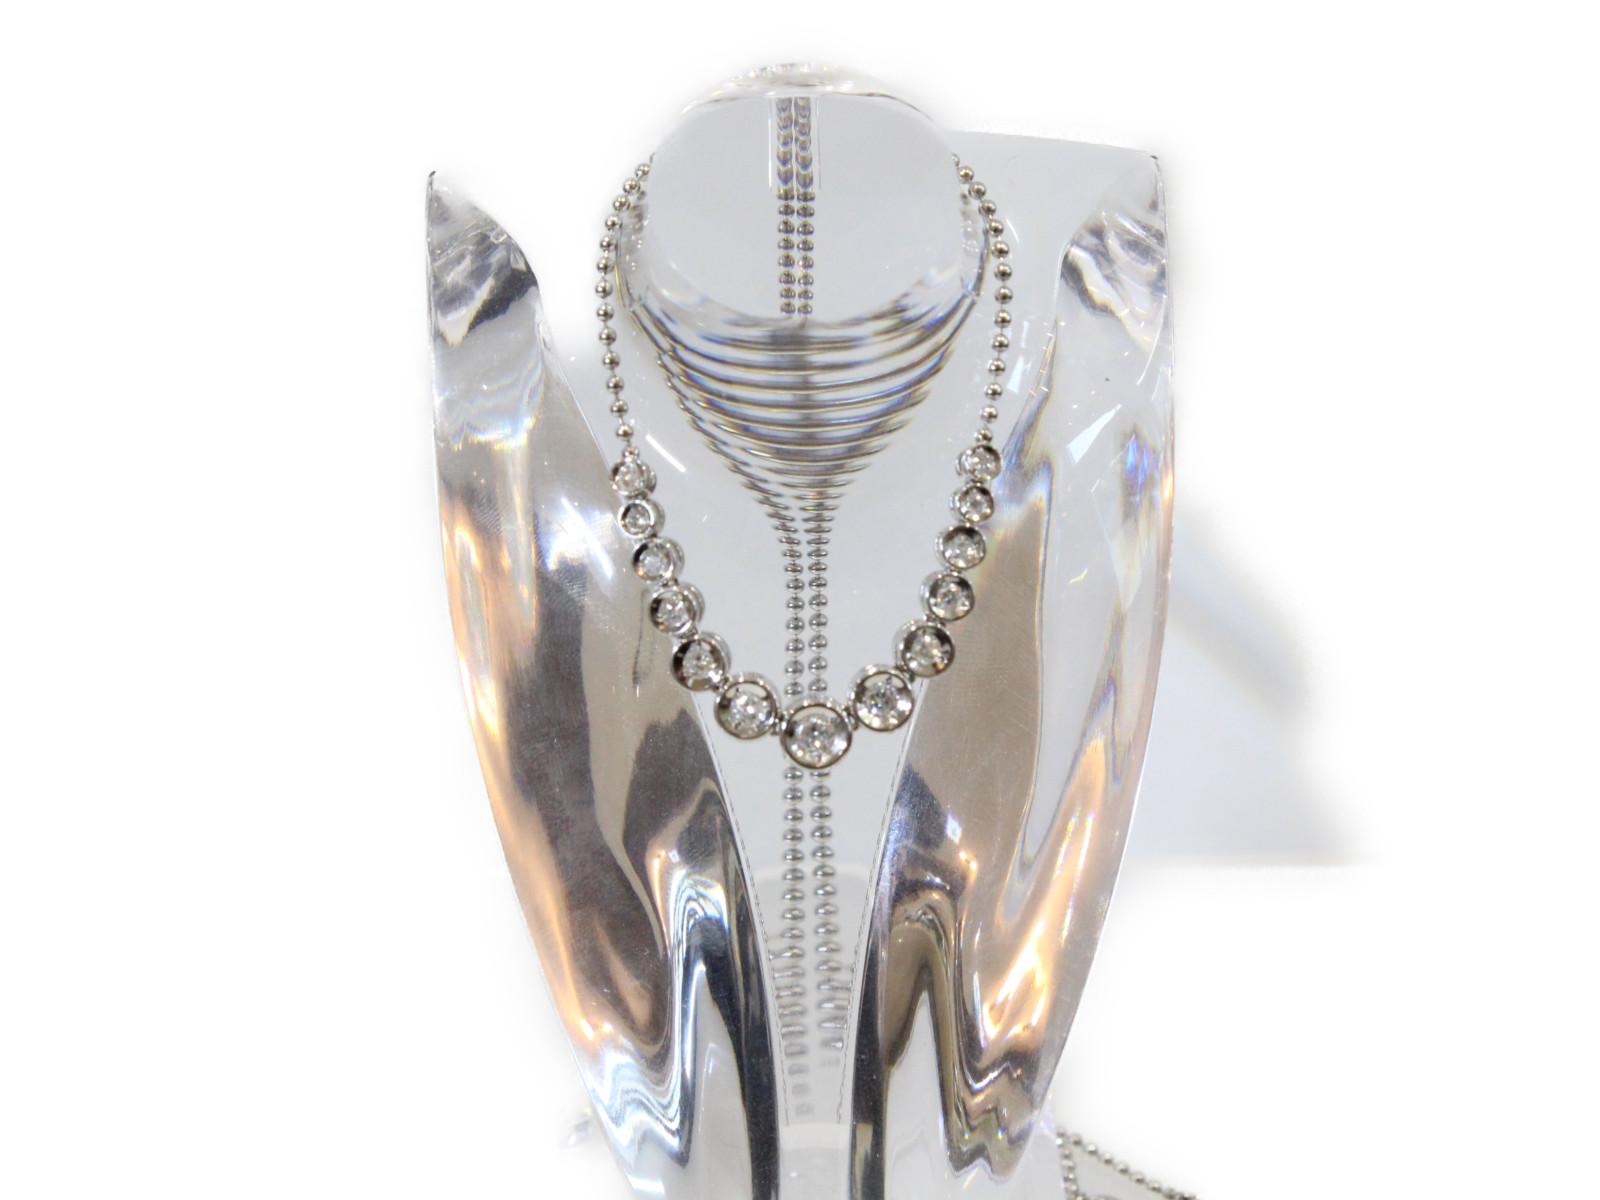 ダイヤモンドネックレスダイヤモンド0.5ct Pt8508.7g 42cm 高級 上品ギフト包装可 【中古】